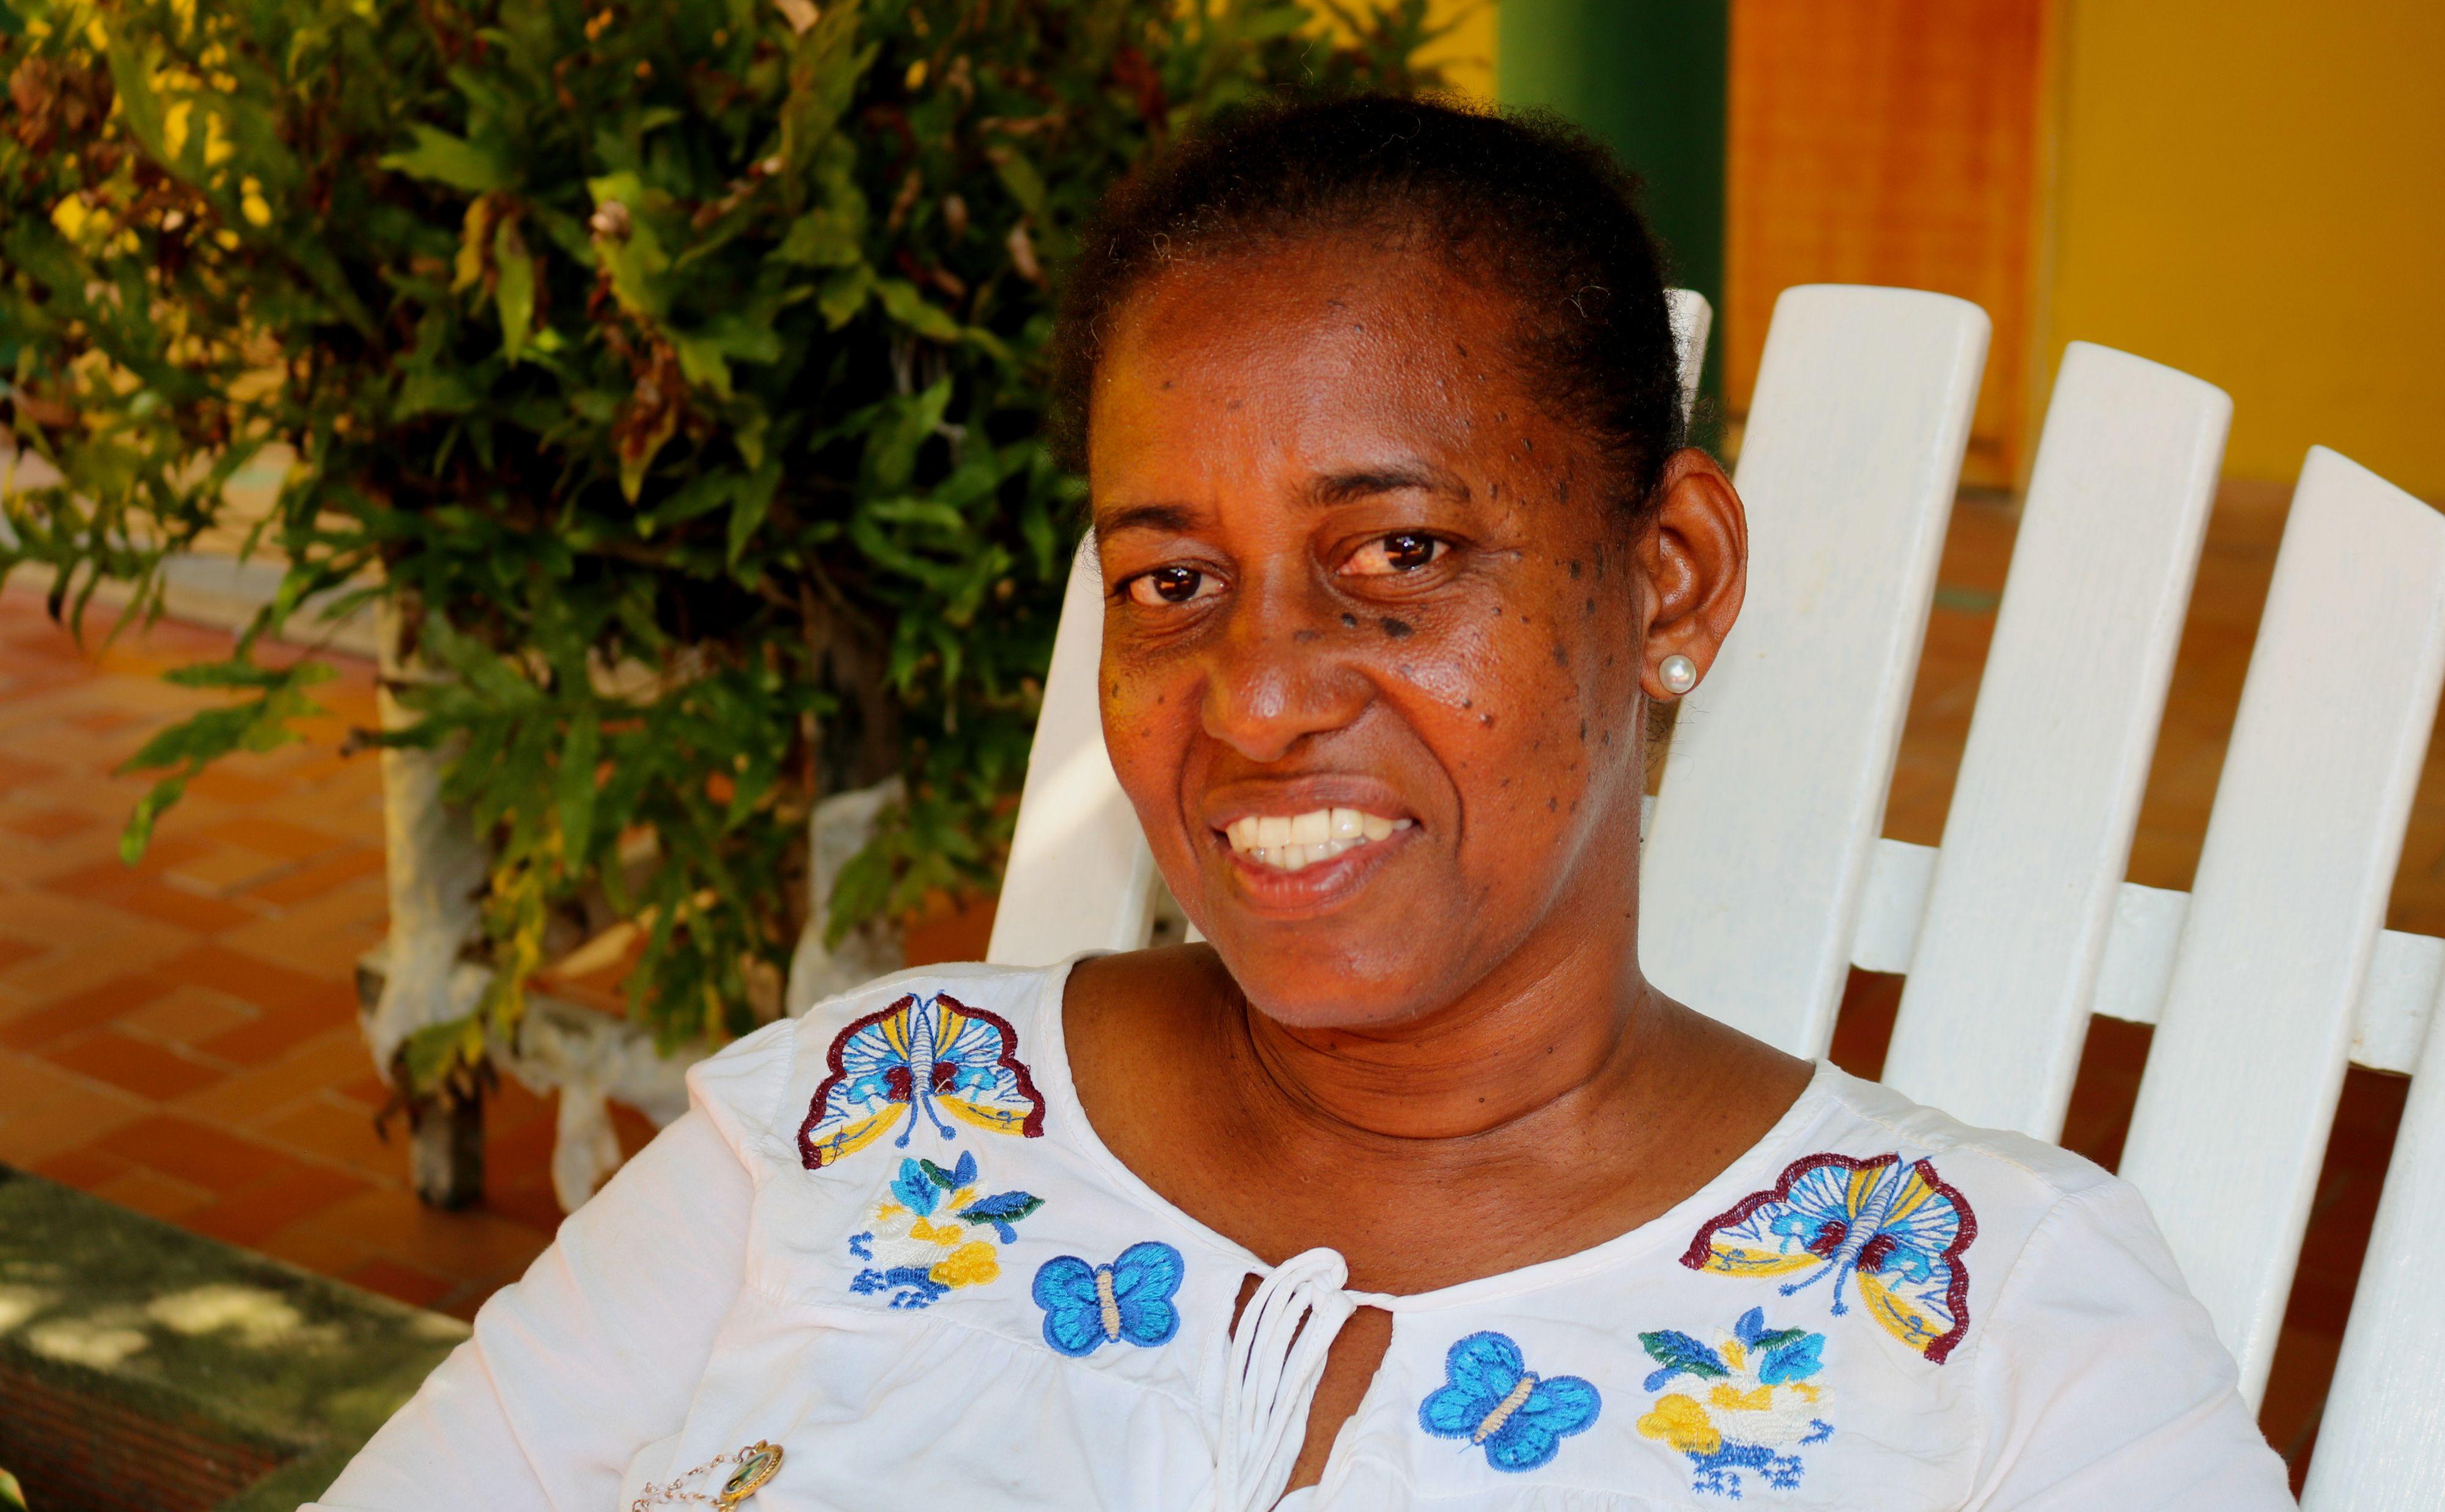 Mujeres negras, las voces con tesón en los territorios más allá de la titulación colectiva